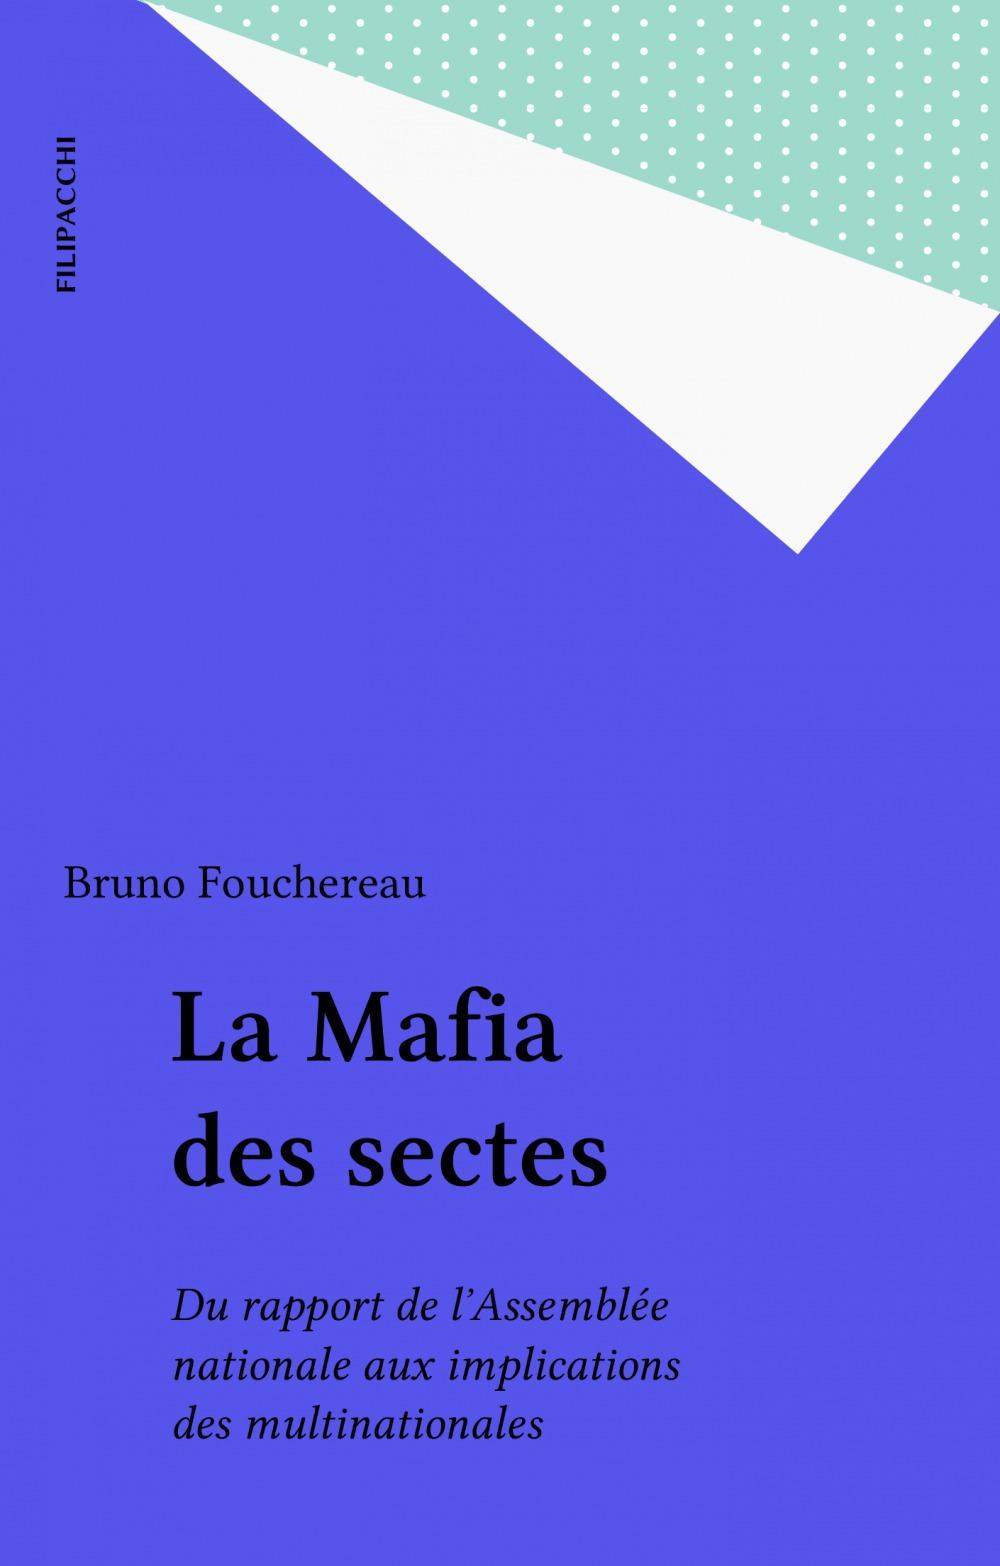 La mafia des sectes